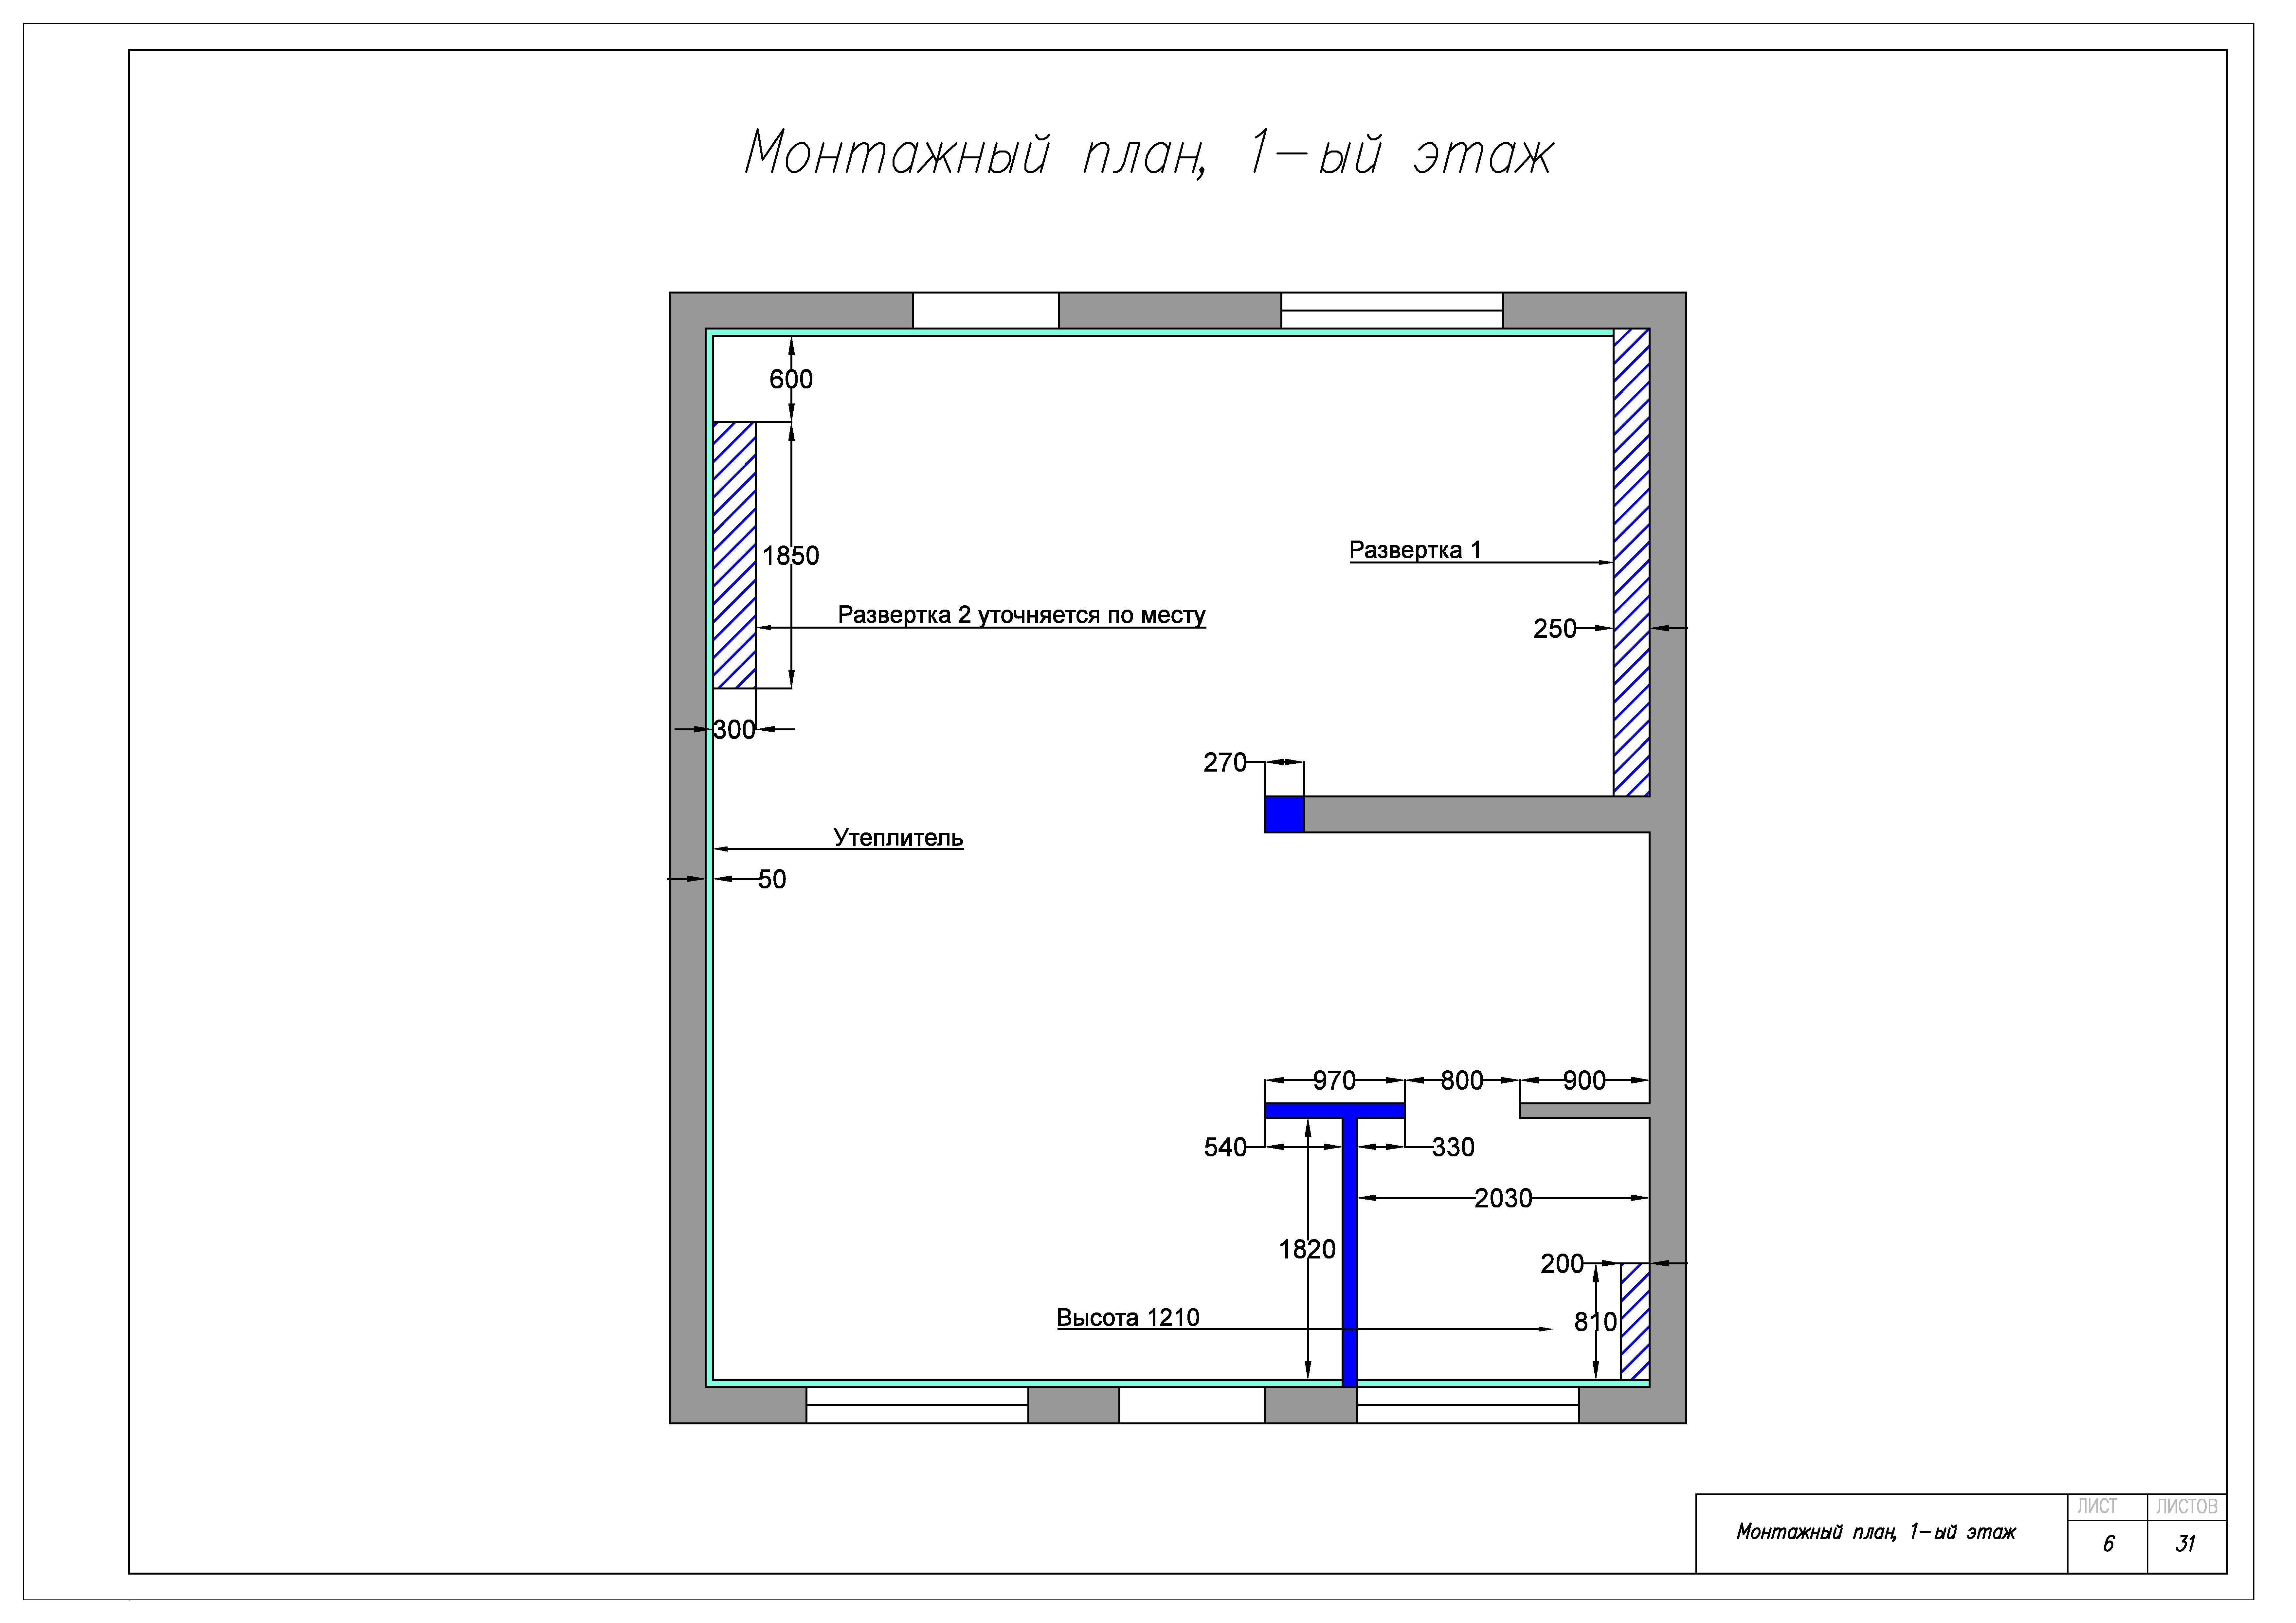 Монтажный план, 1 этаж